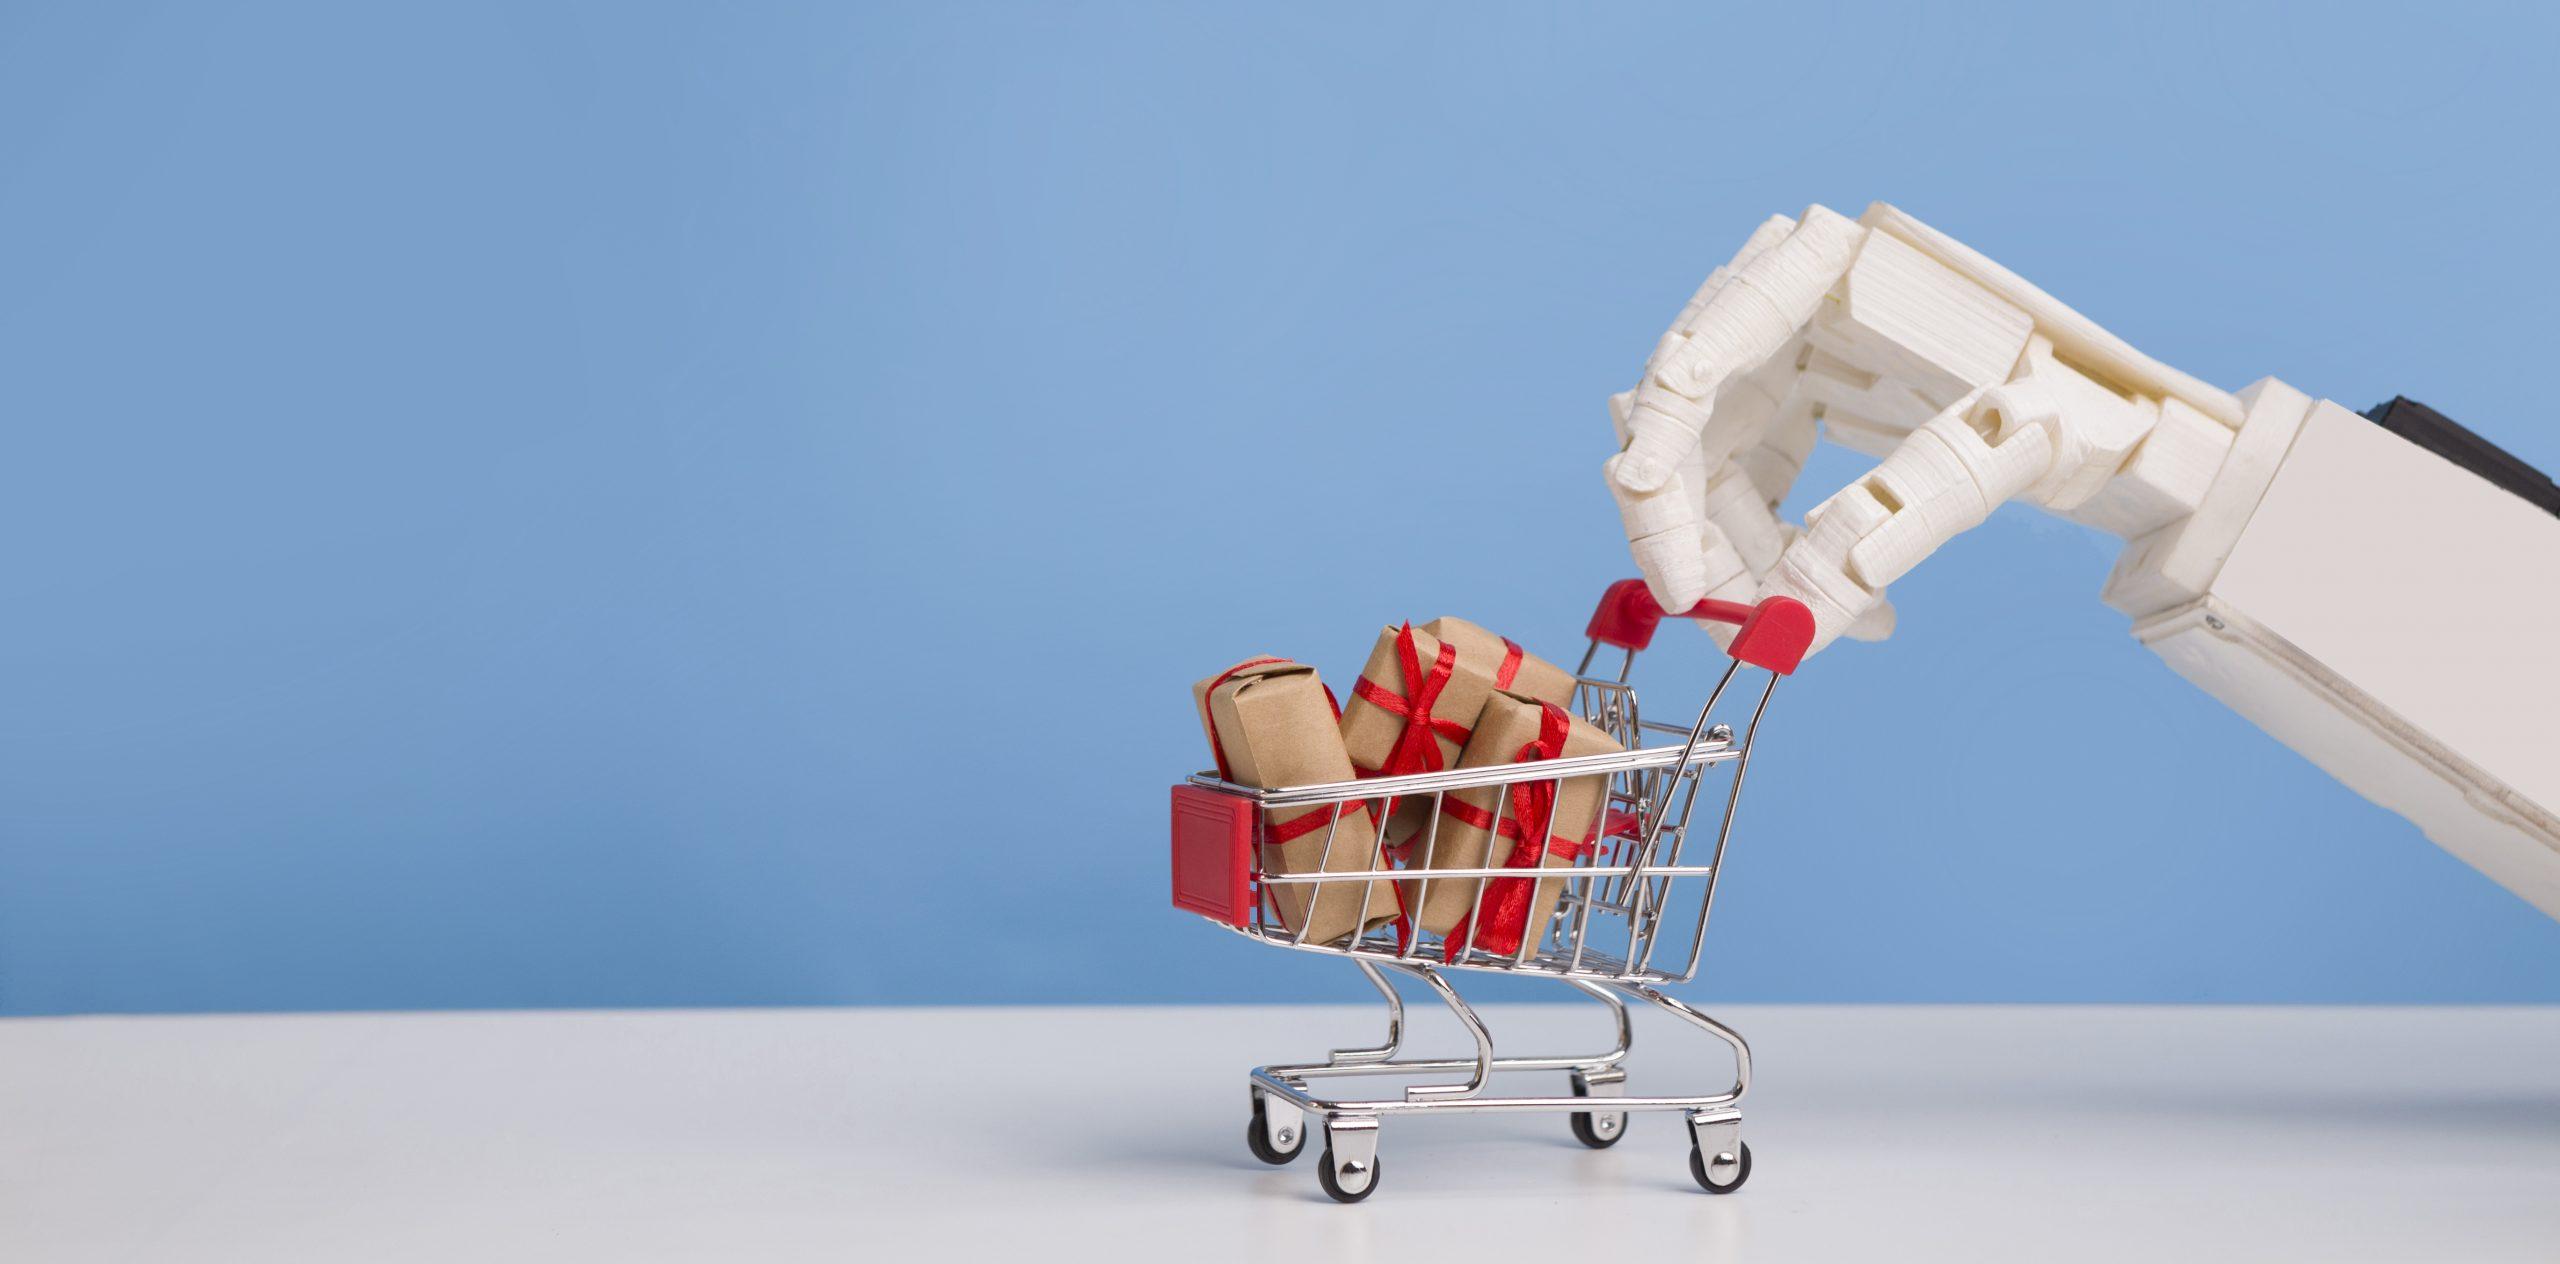 Mano de robot llevando un carrito de la compra. Las automatizaciones en marketing inducen a aumentar las ventas sin la intervención humana.